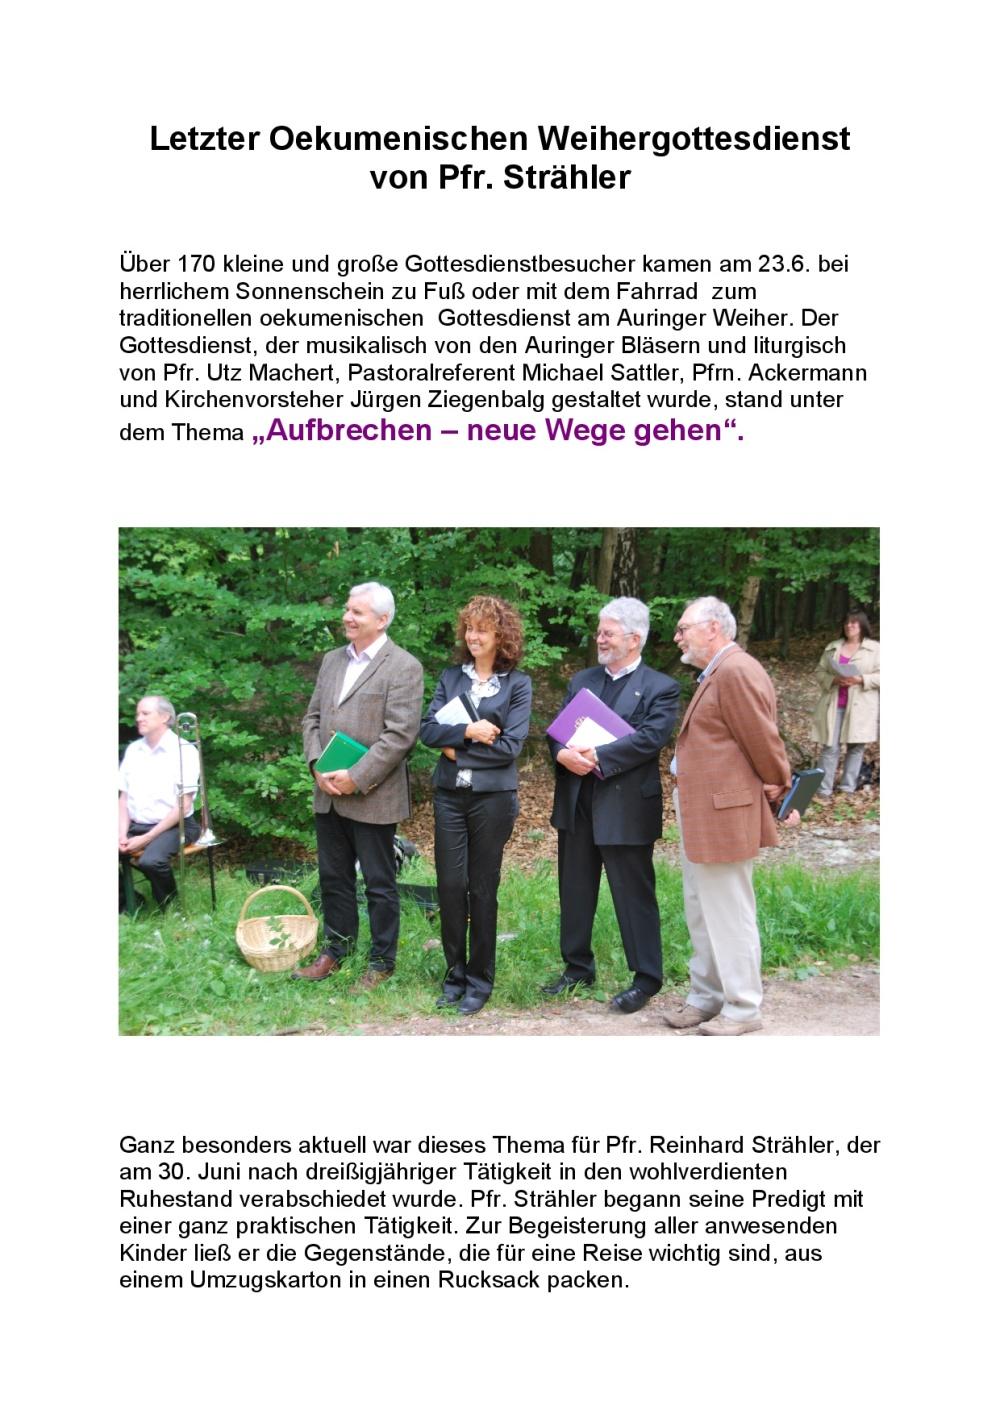 20-Weihergottesdienst 23.06.13-001